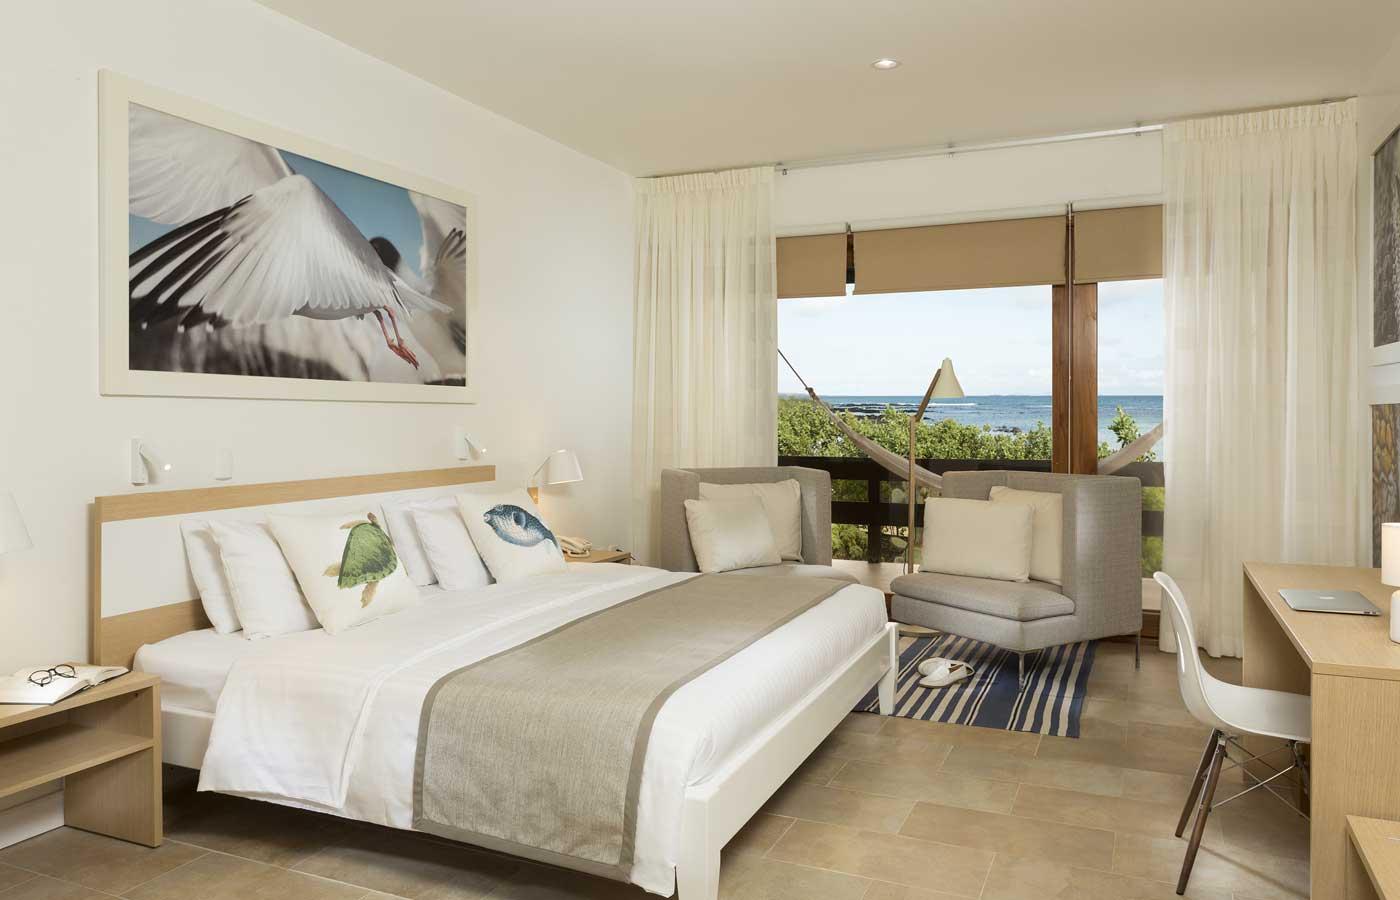 Room at Finch Bay - Holidays to the Galapagos